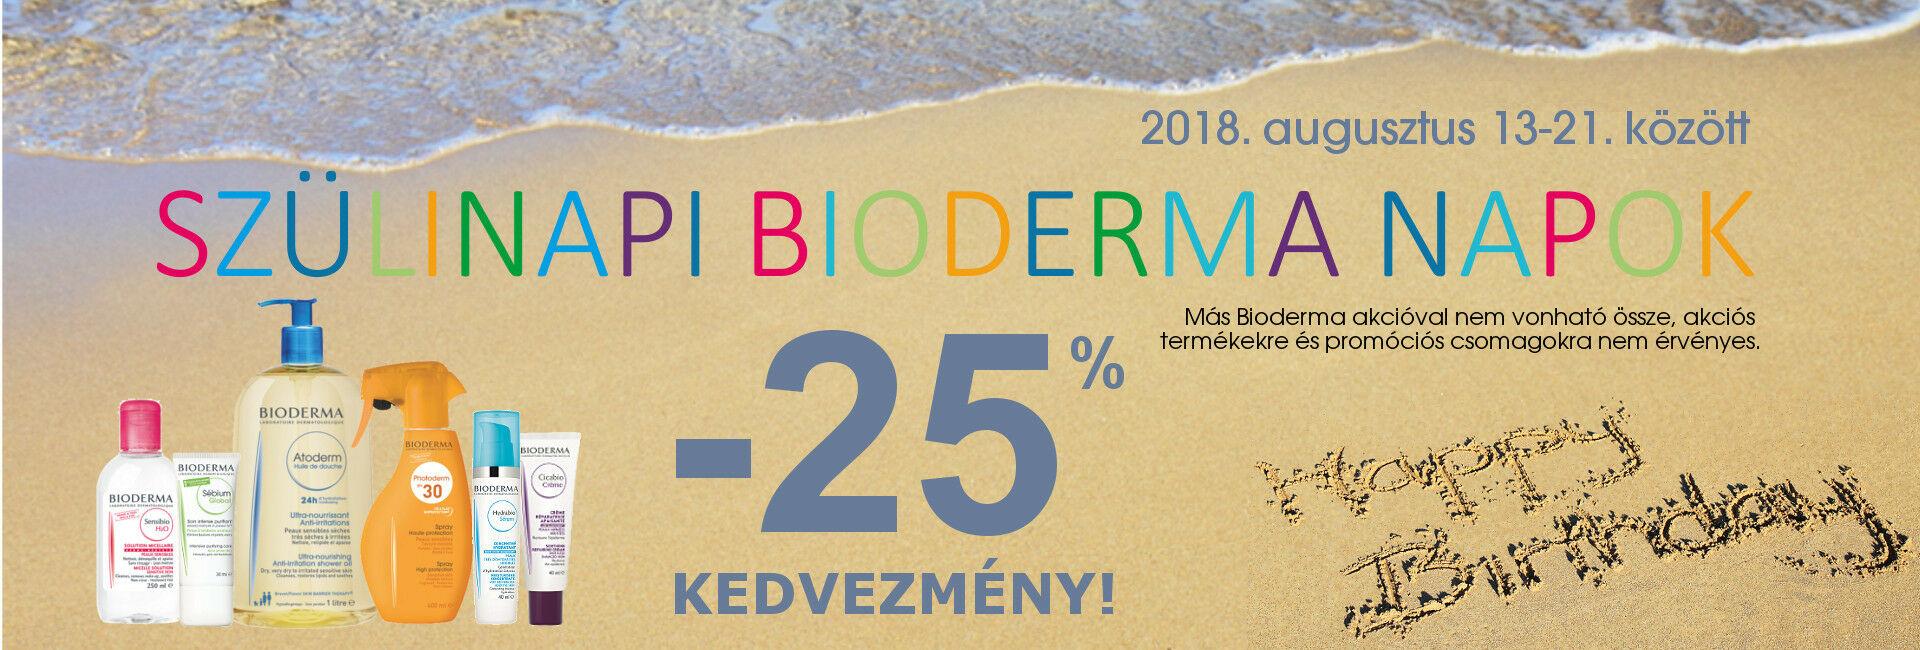 a600243392 SZületésnapi Bioderma Napok: 2018. augusztus 13-21. között minden Bioderma  termékre 25